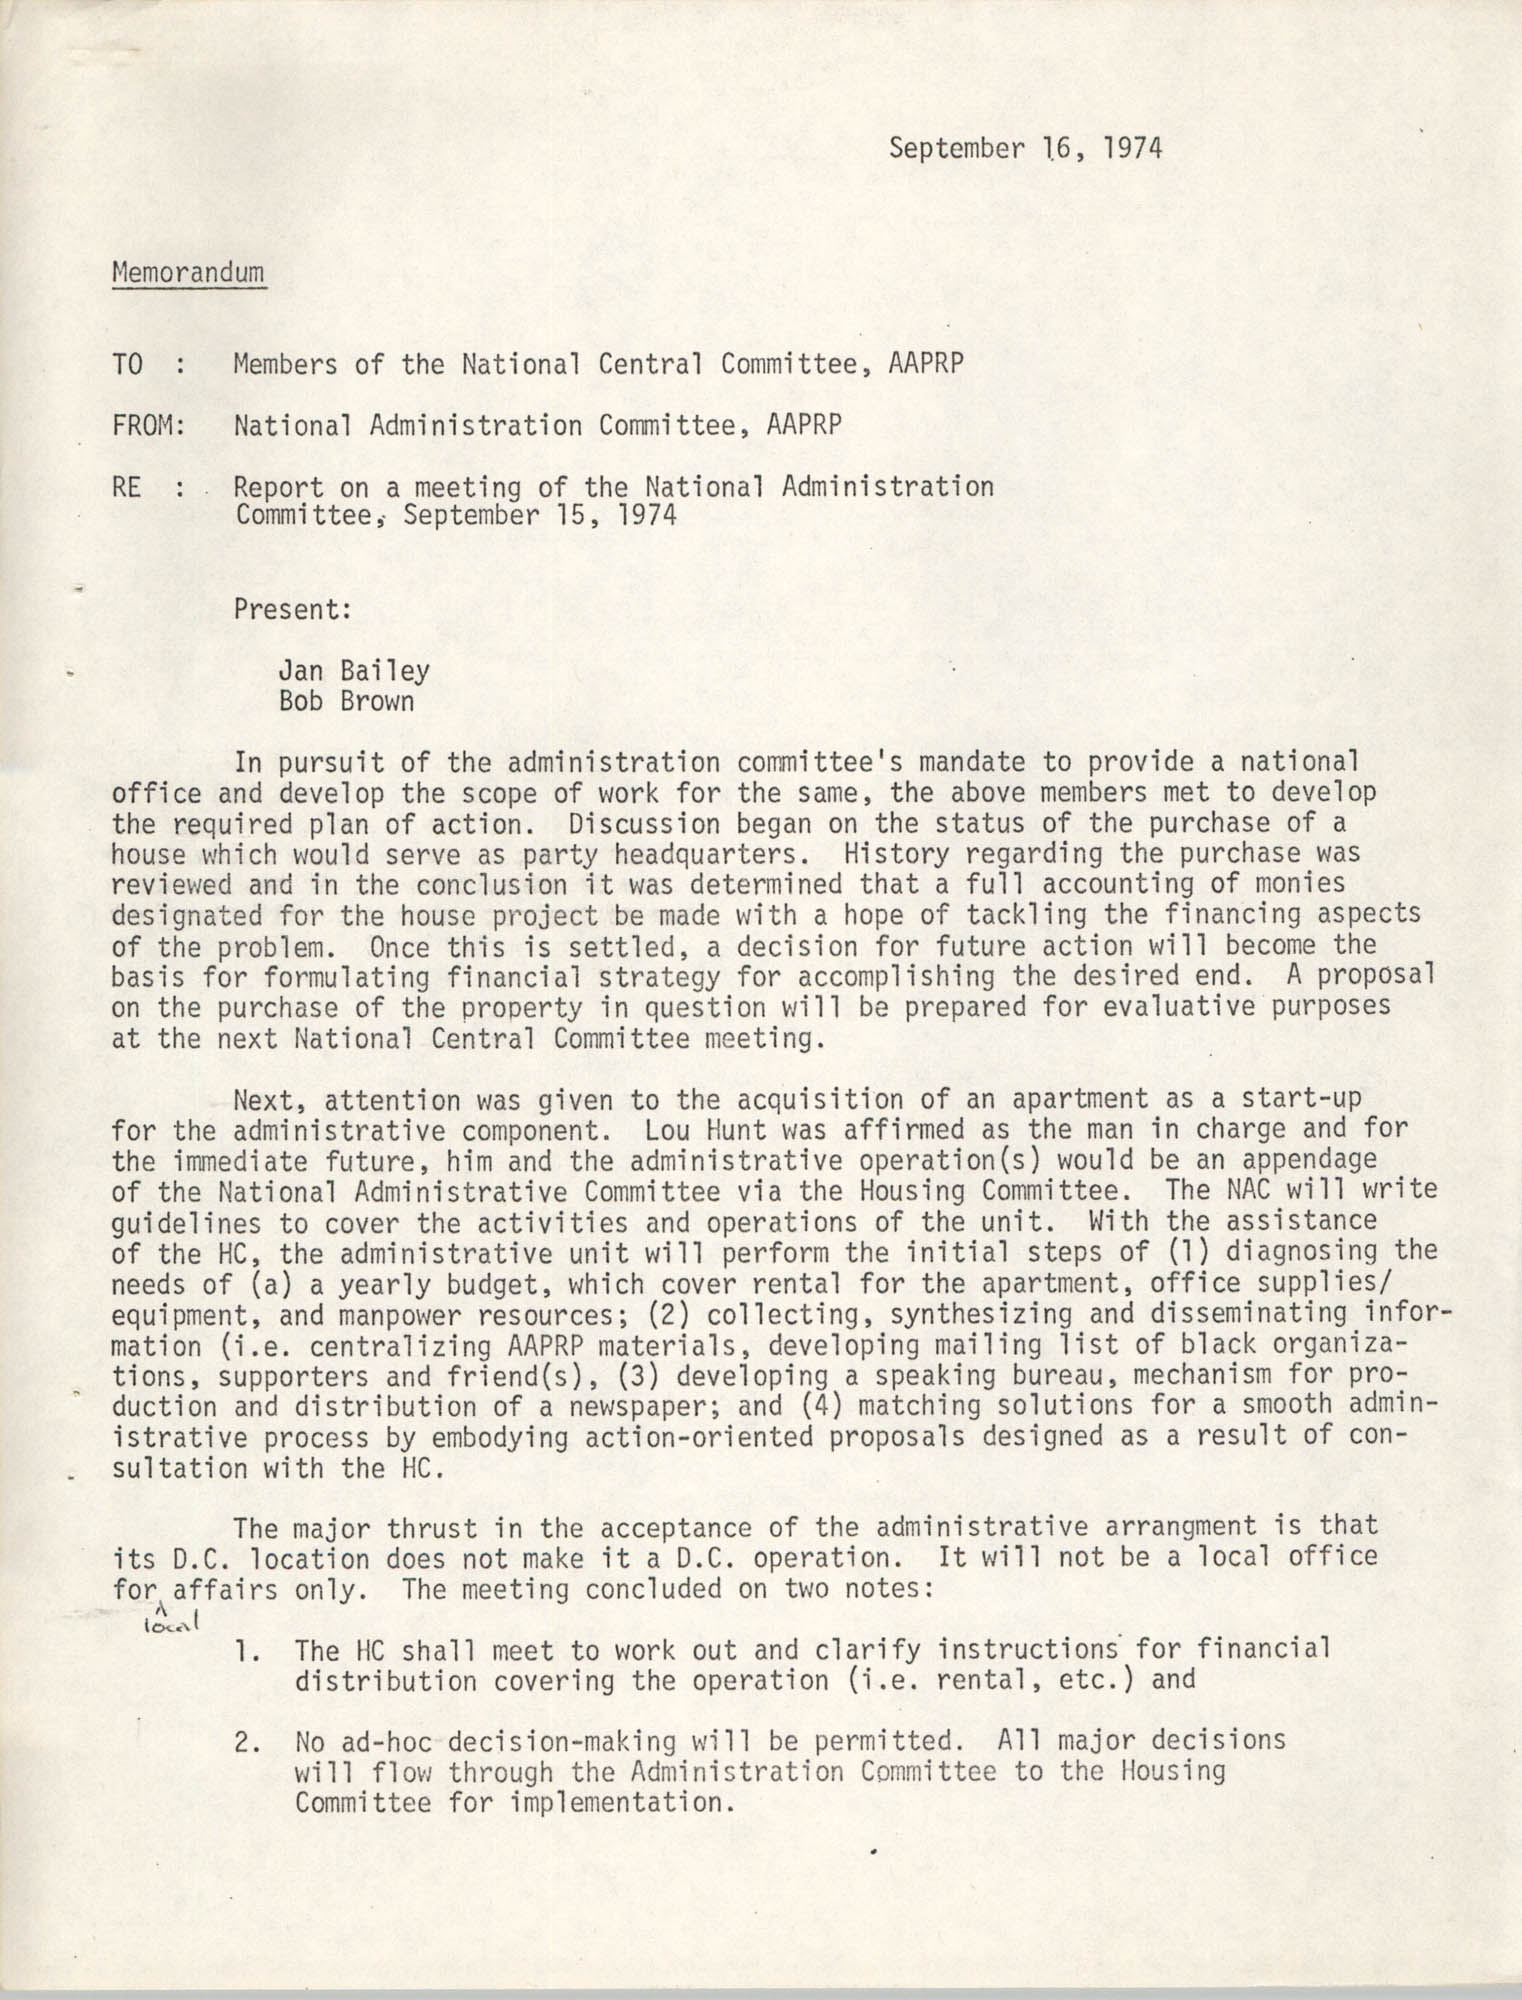 National Program Committee Memorandum, September 16, 1974